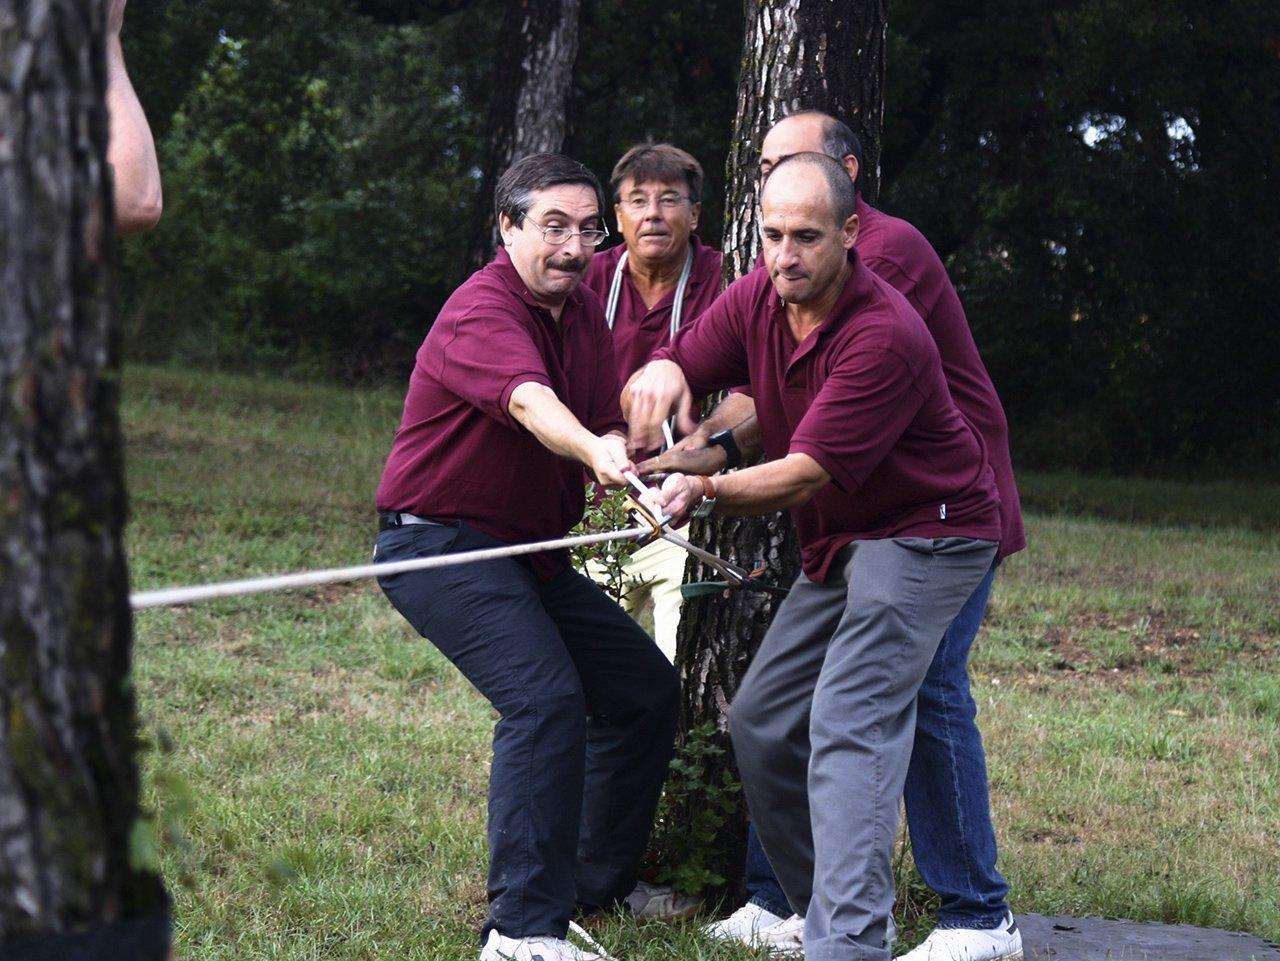 rope work team building